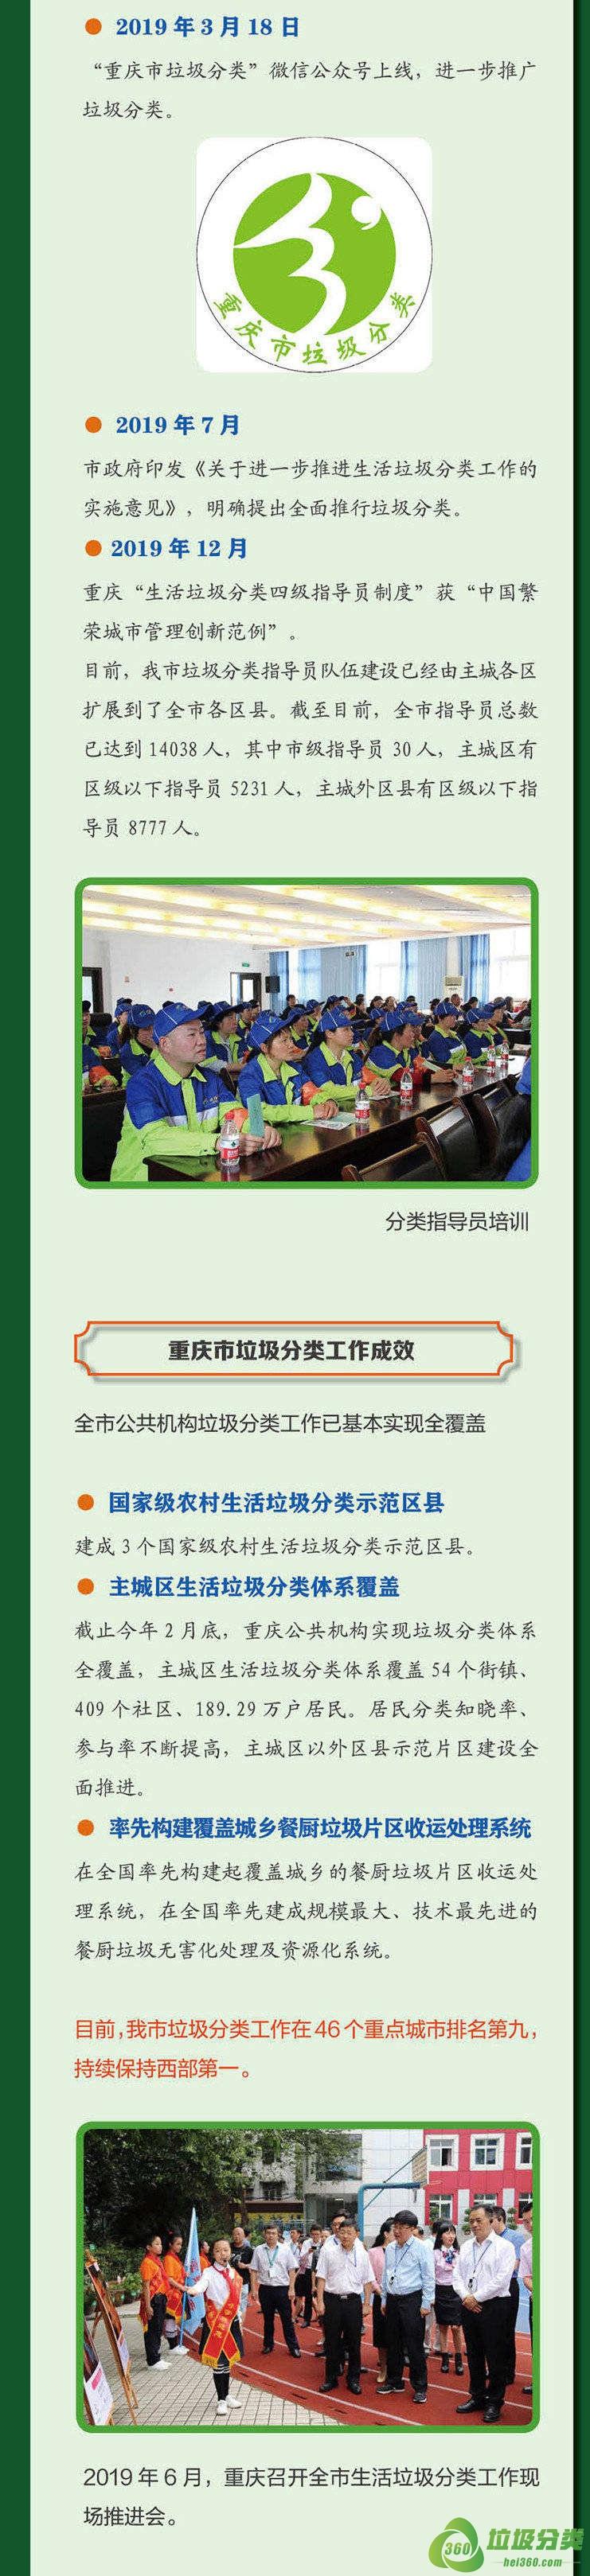 重庆垃圾分类新时尚,一图看懂重庆交出的时尚答卷!